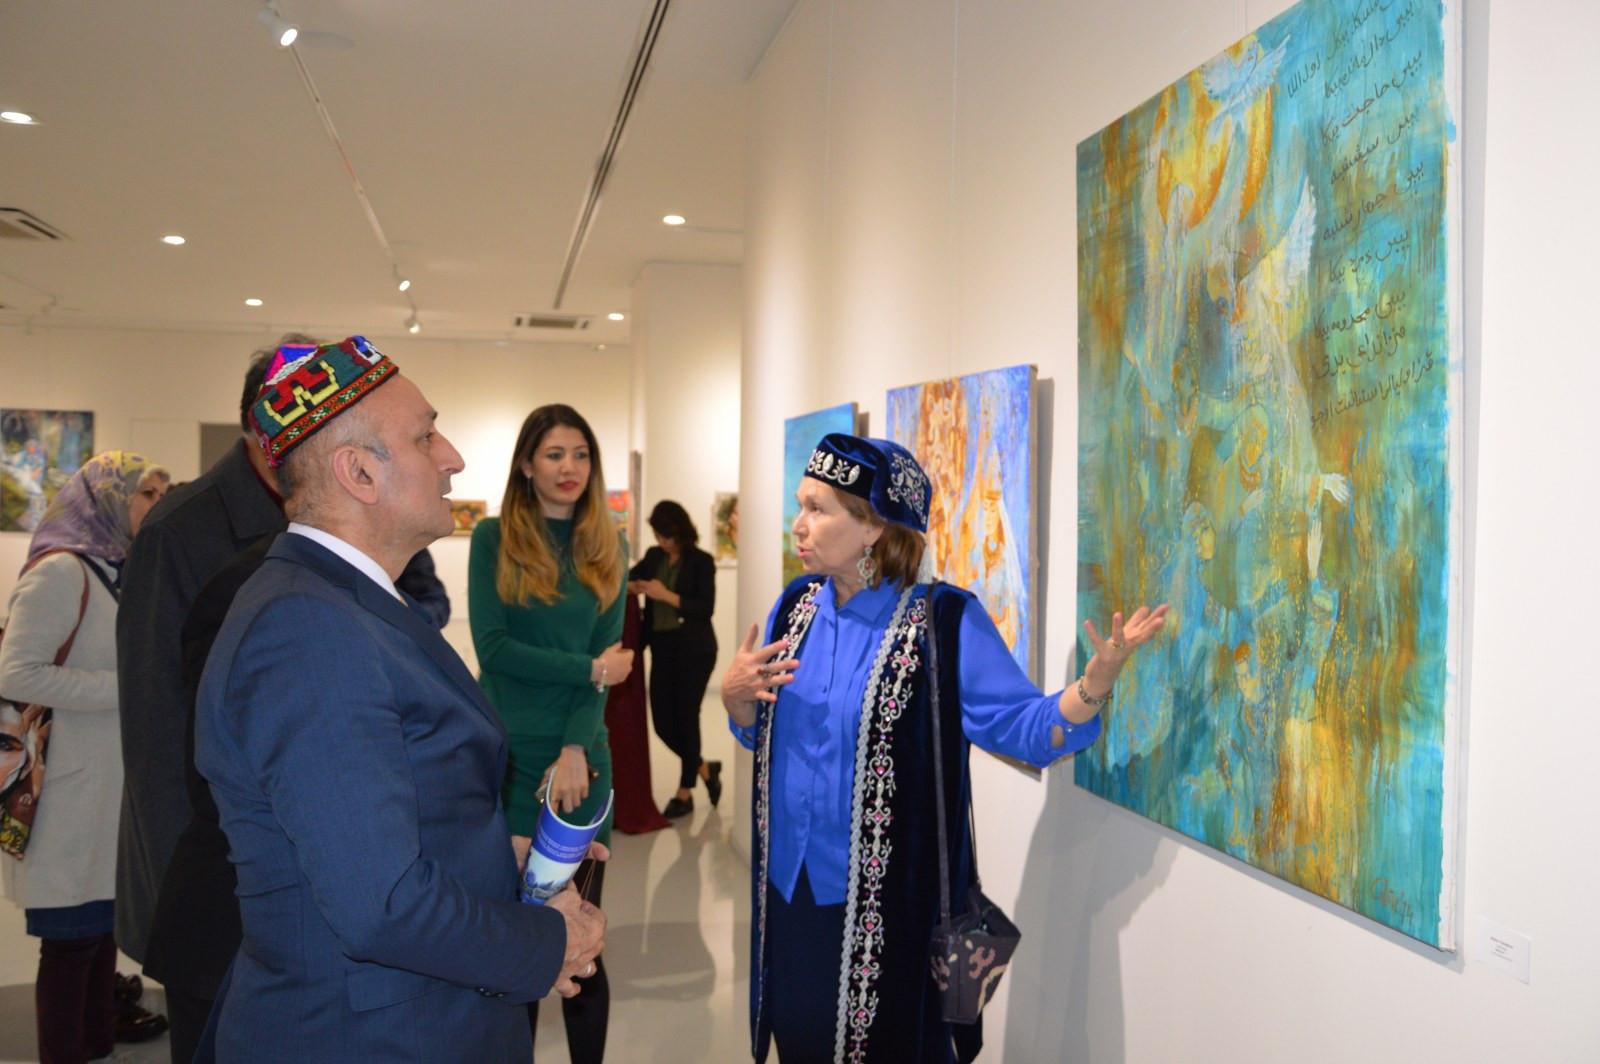 Türk Dünyasından Kadın Sanatçılar İstanbul'da Buluştu Galeri - 13. Resim